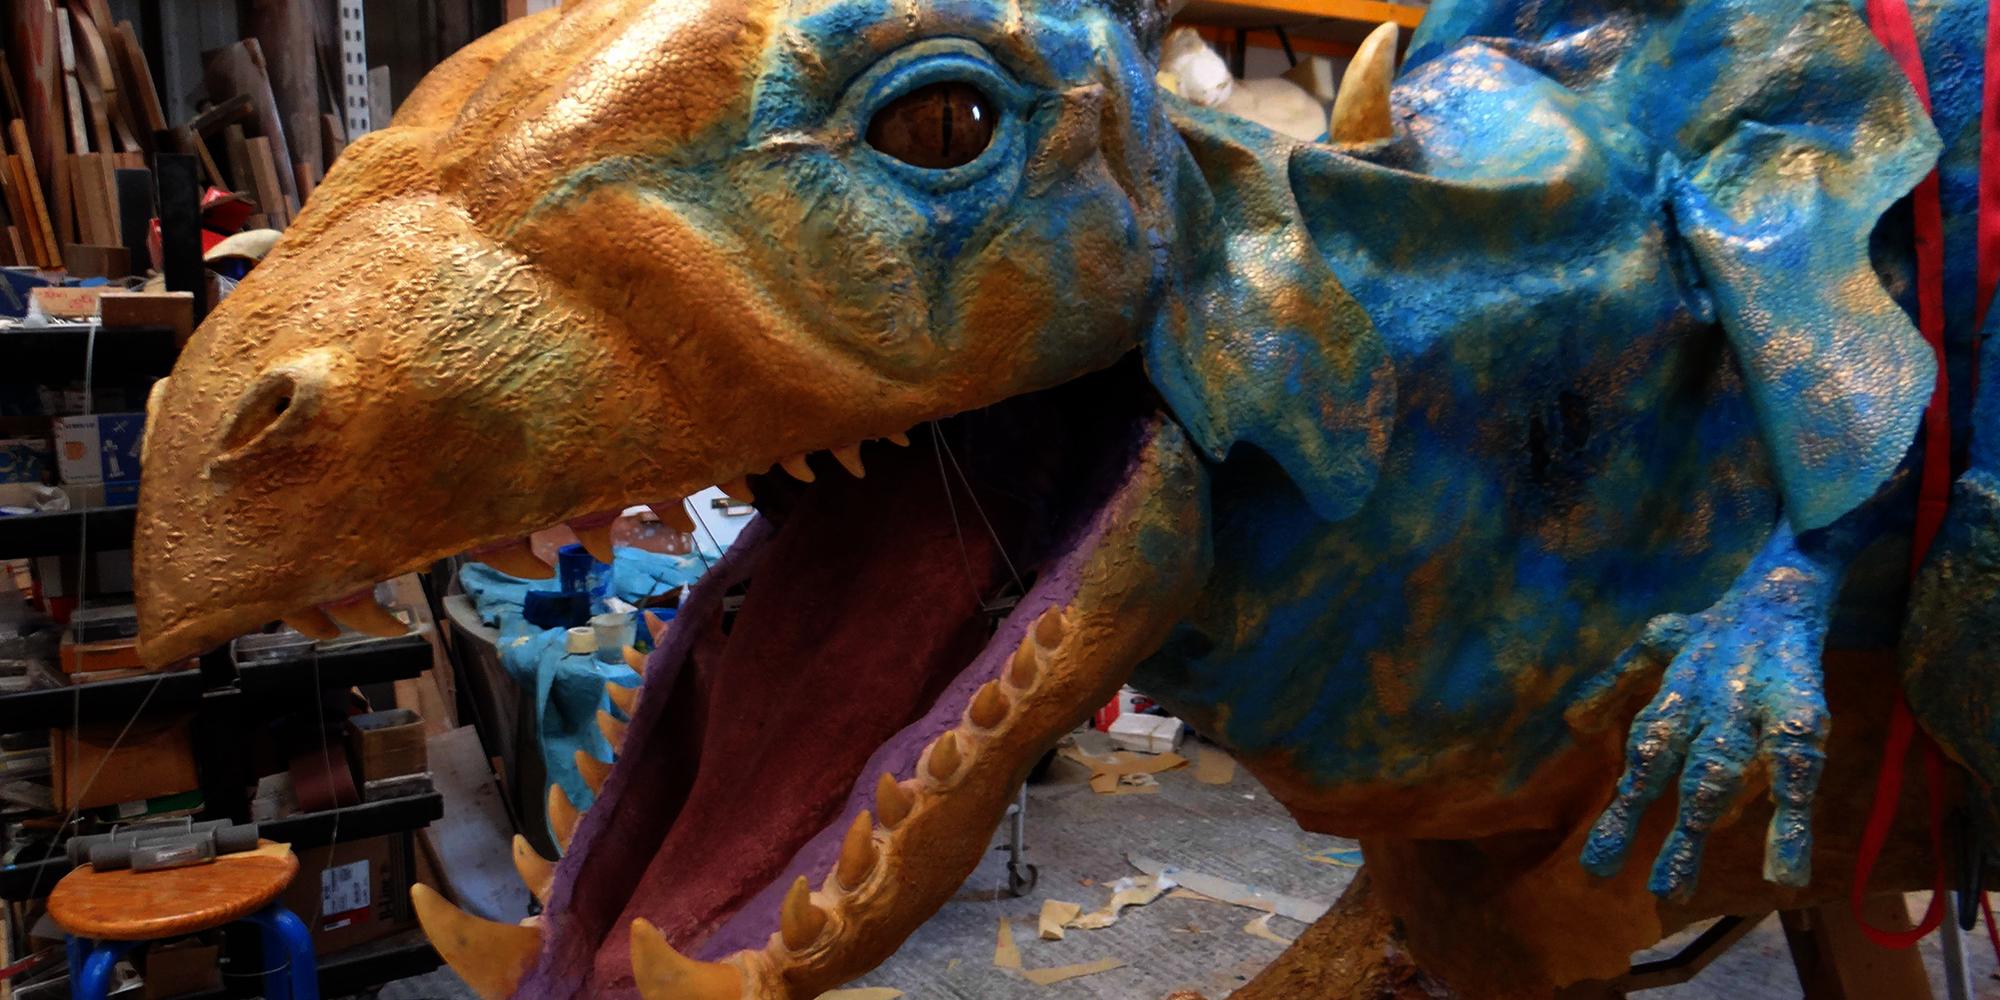 Une sculpture de dragon fantastique de belle dimension en résine et élastomère